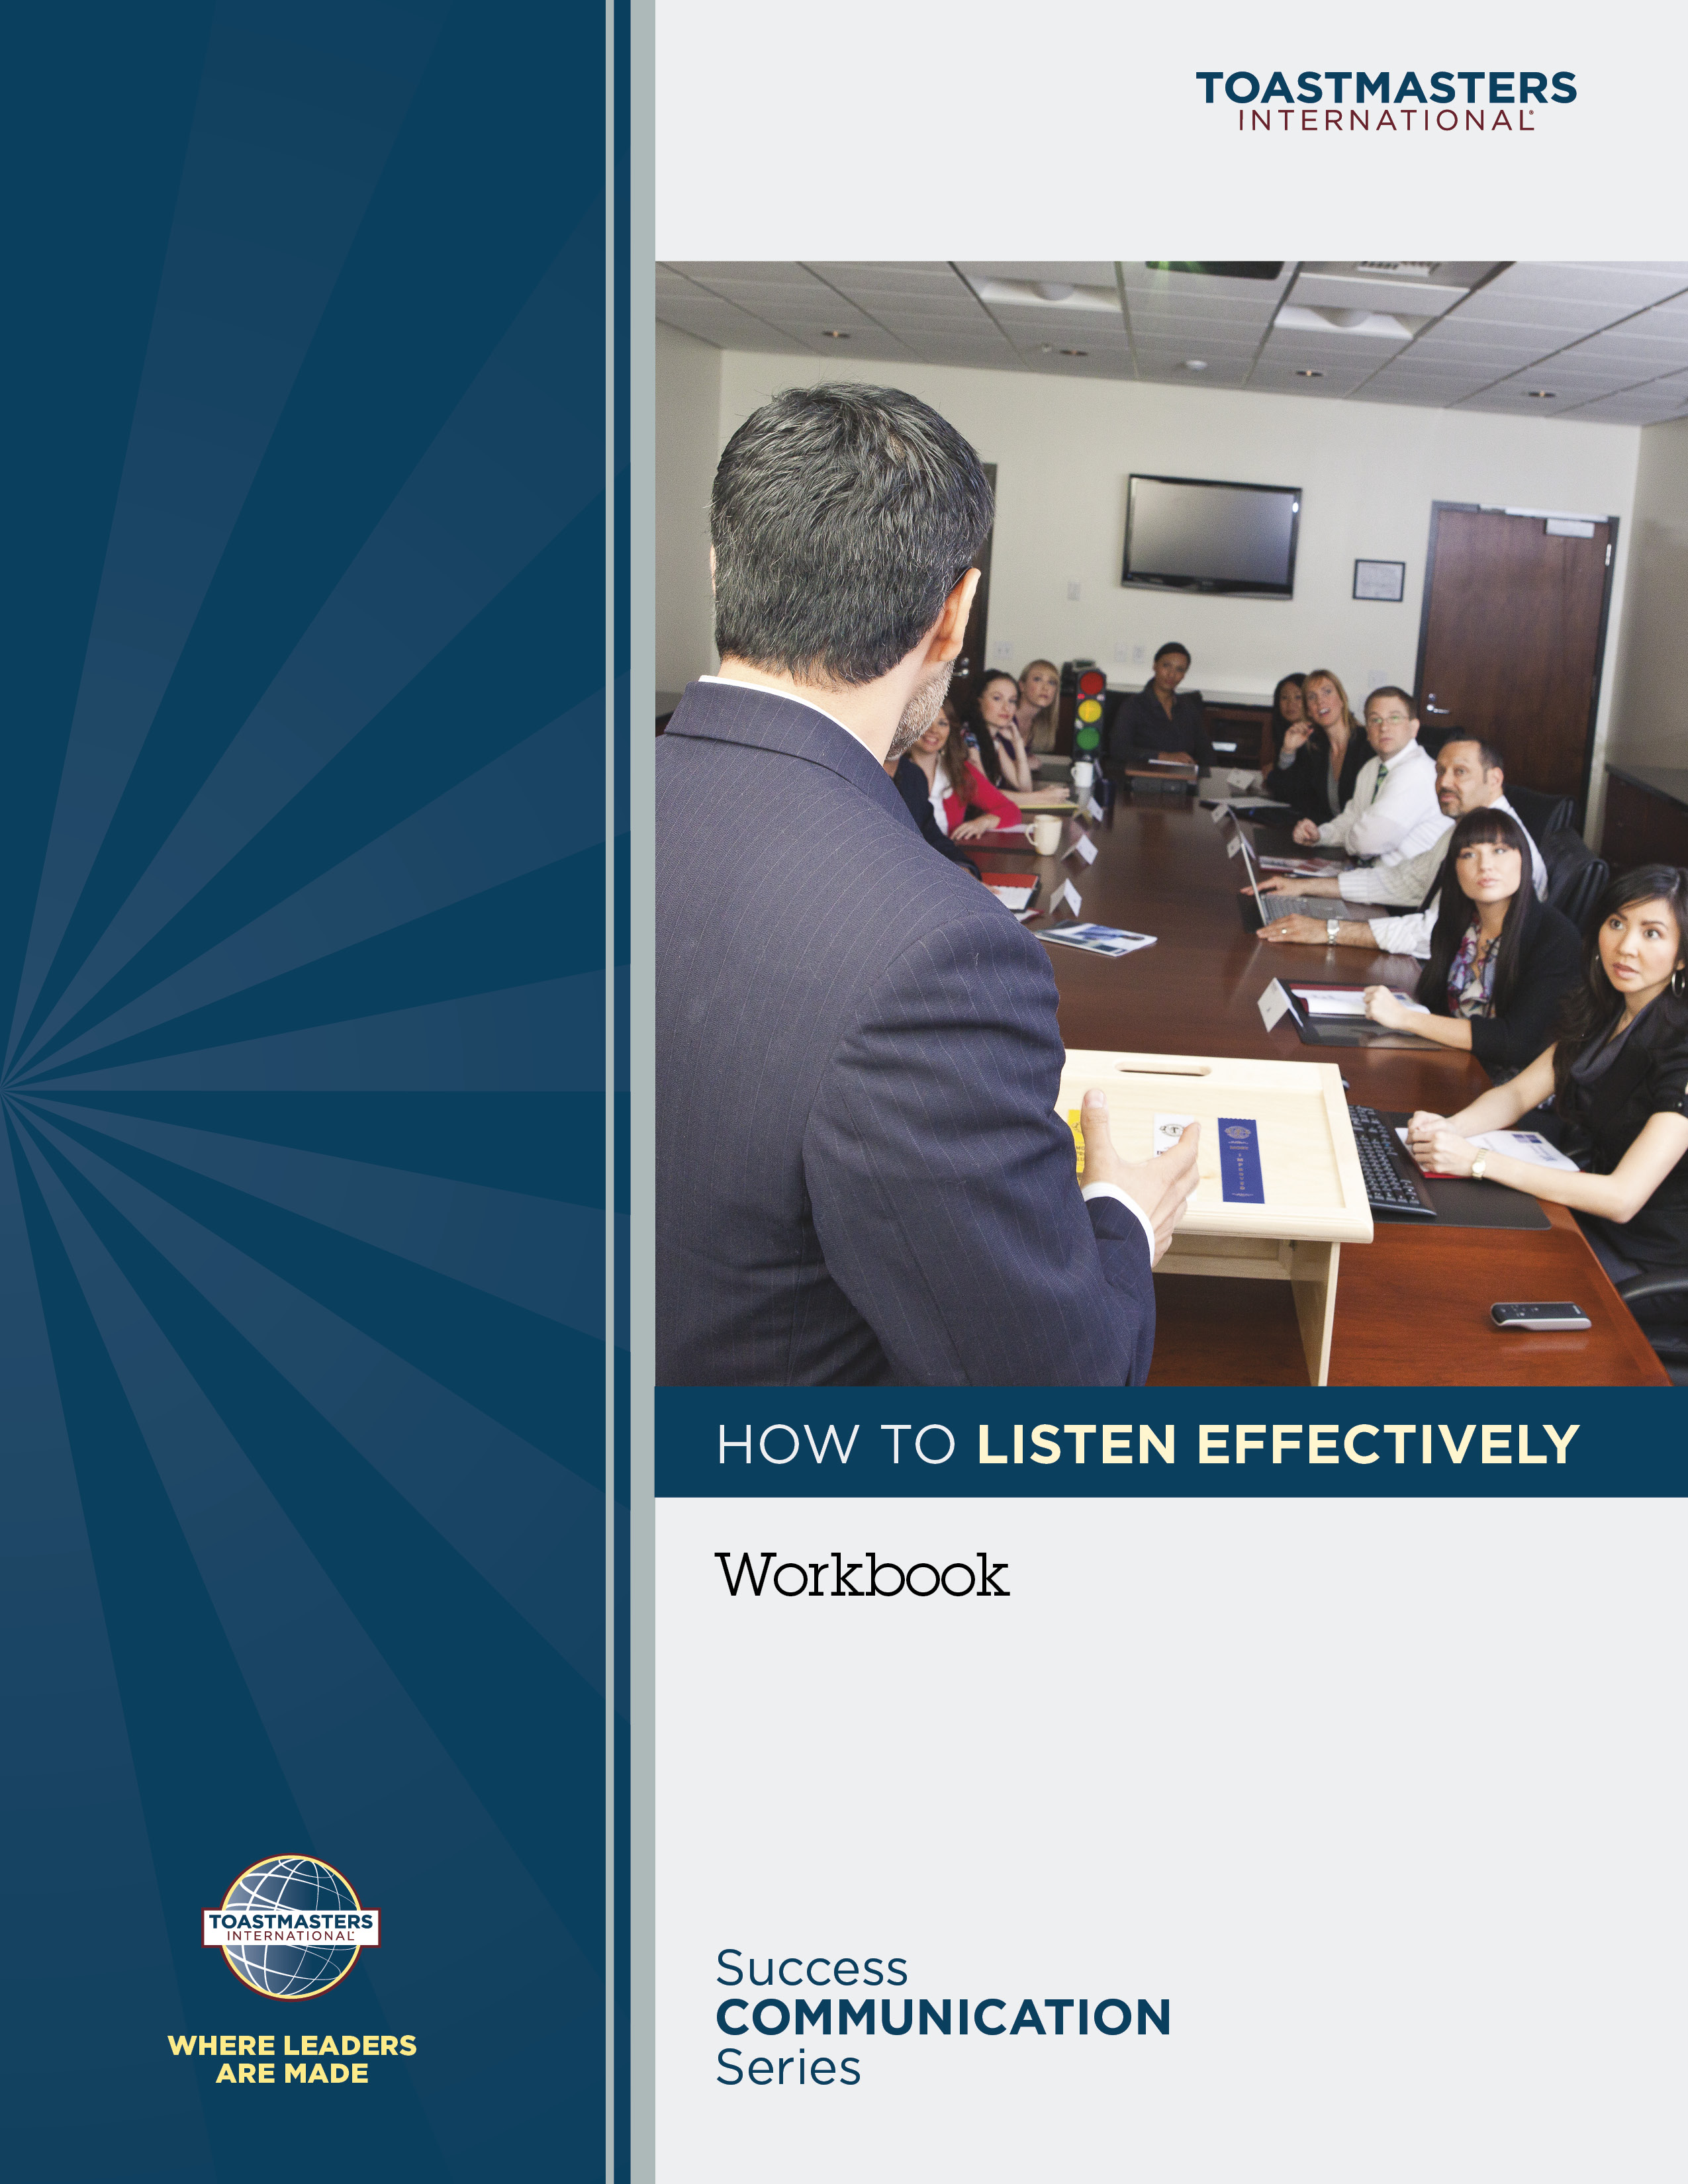 How to Listen Effectively Workshop Workbook